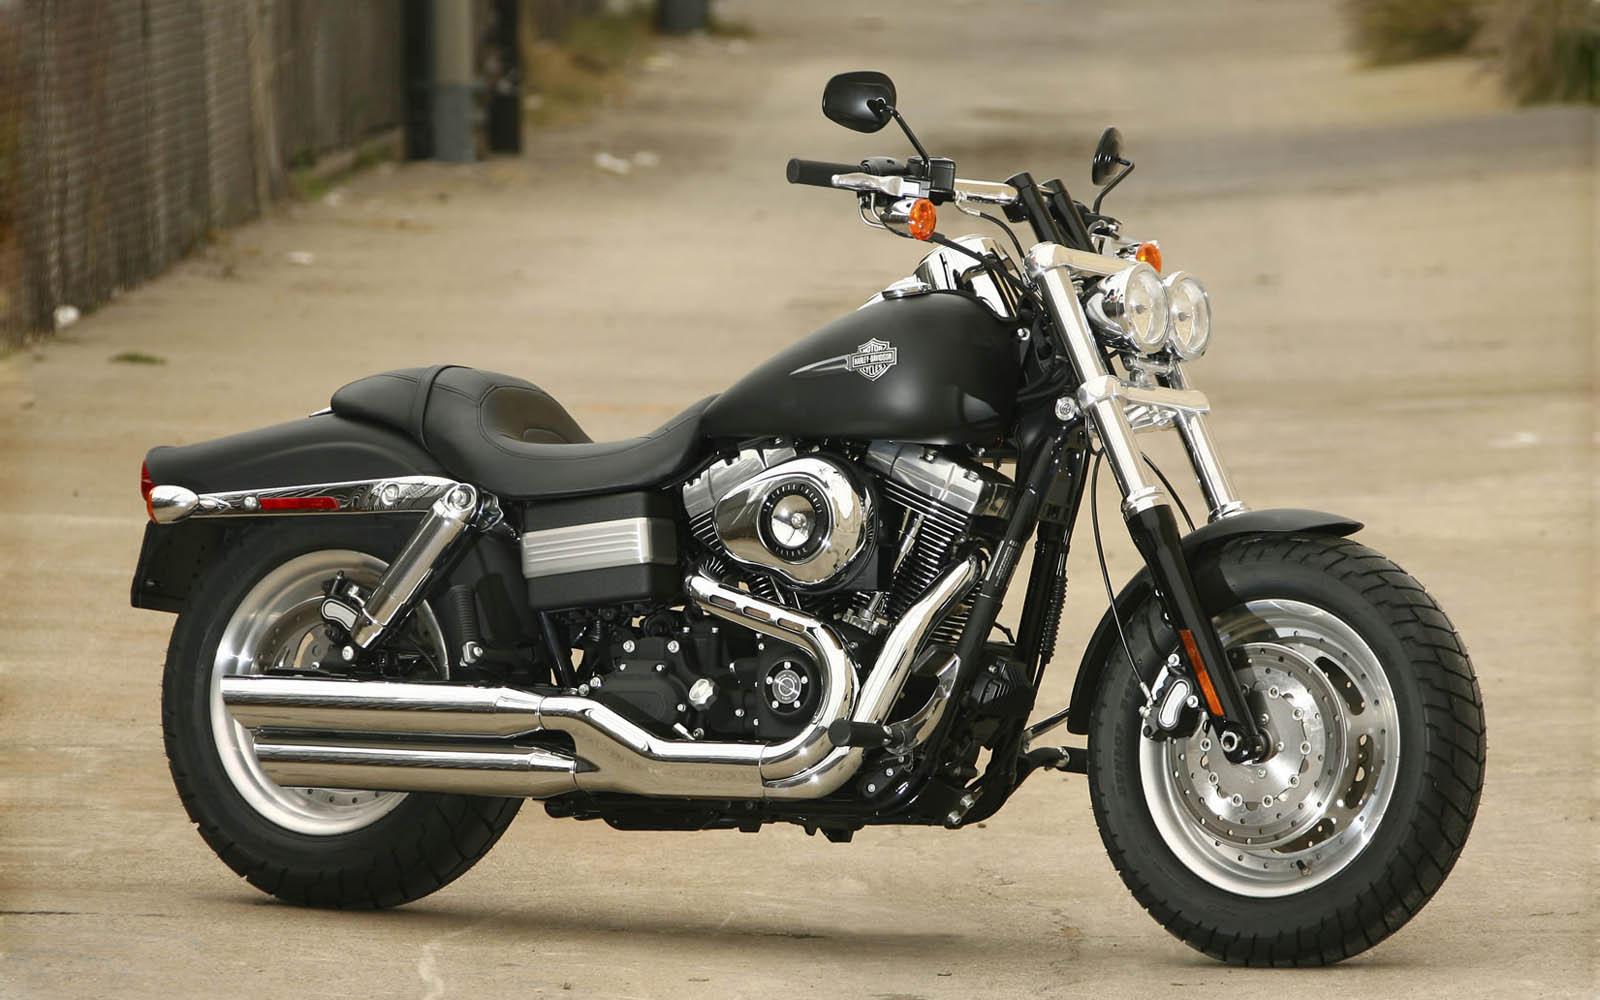 Harley Davidson Bikes Wallpapers Nitish Dangerous 1600x1000